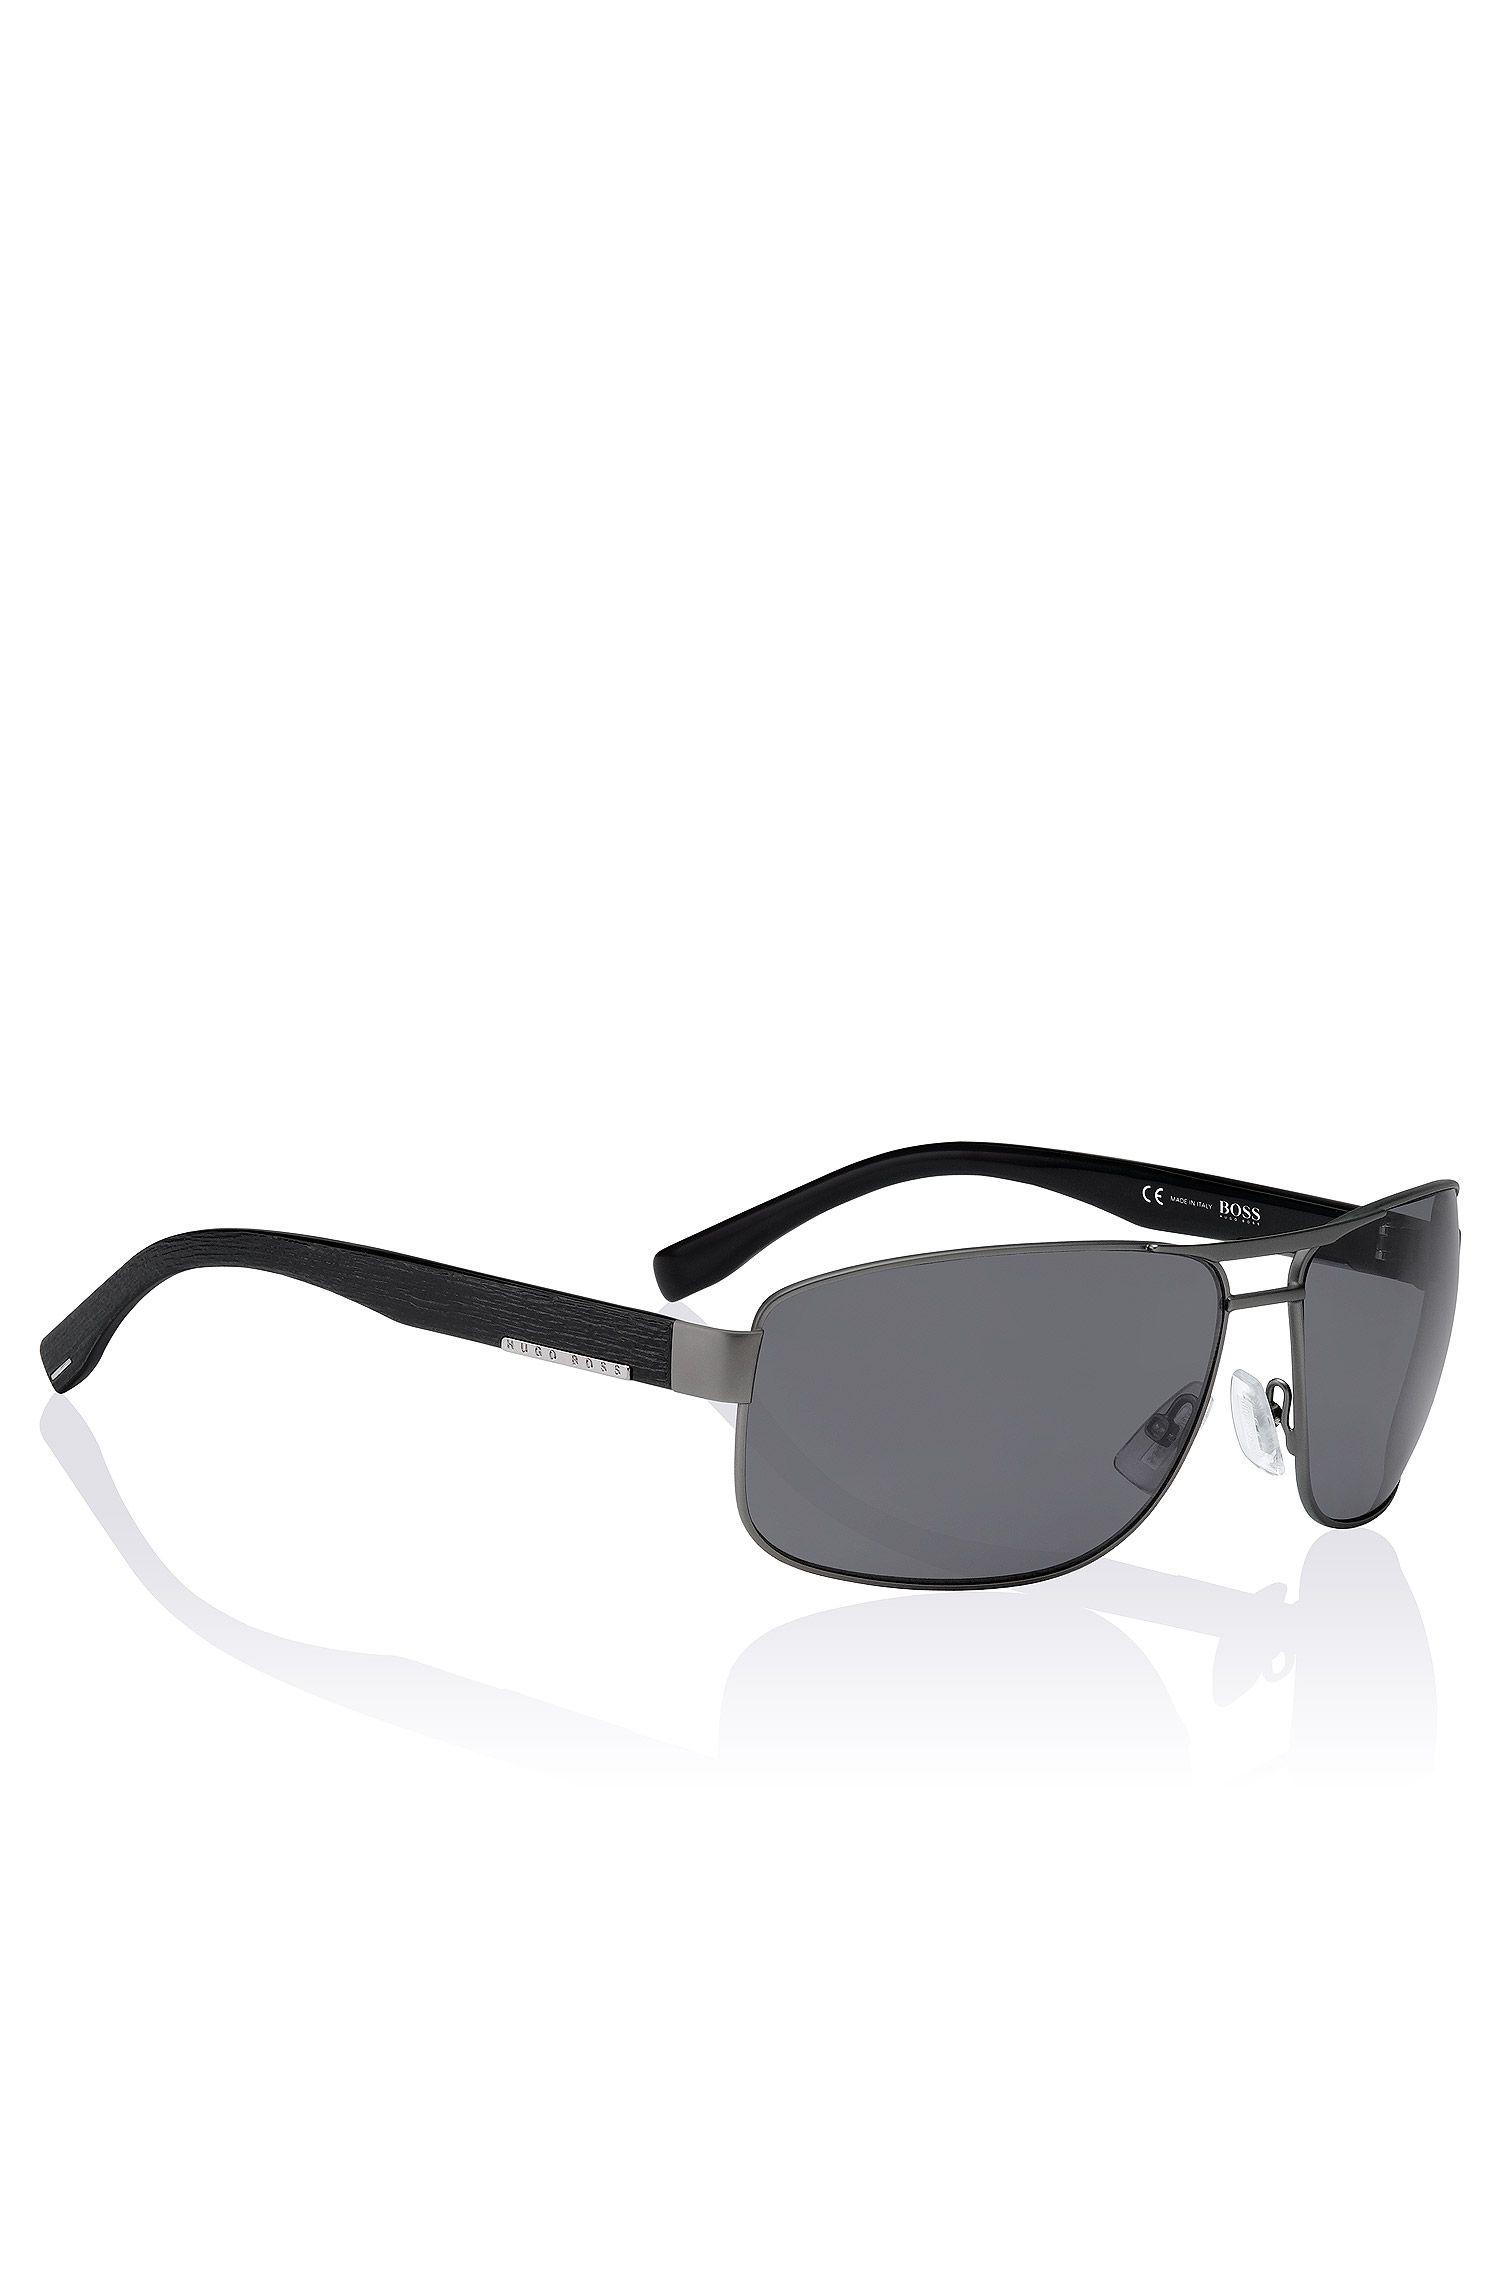 Sonnenbrille ´BOSS 0668` aus Metall